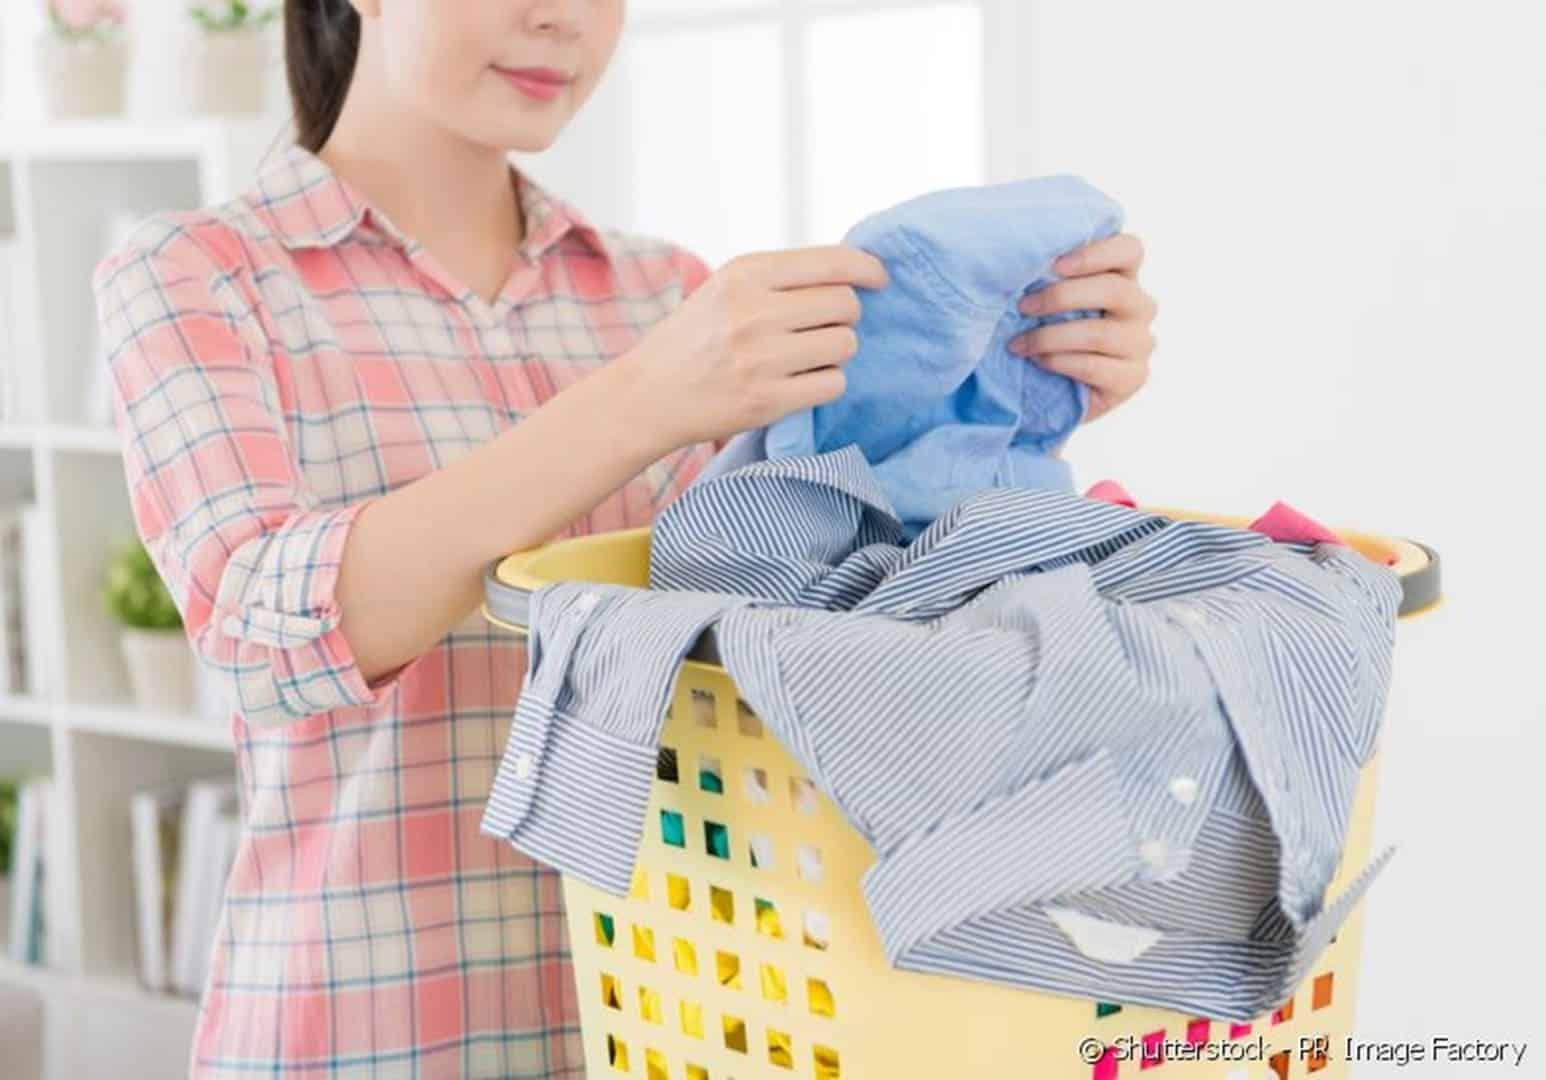 Descubra porque você deve usar vinagre branco para lavar roupas